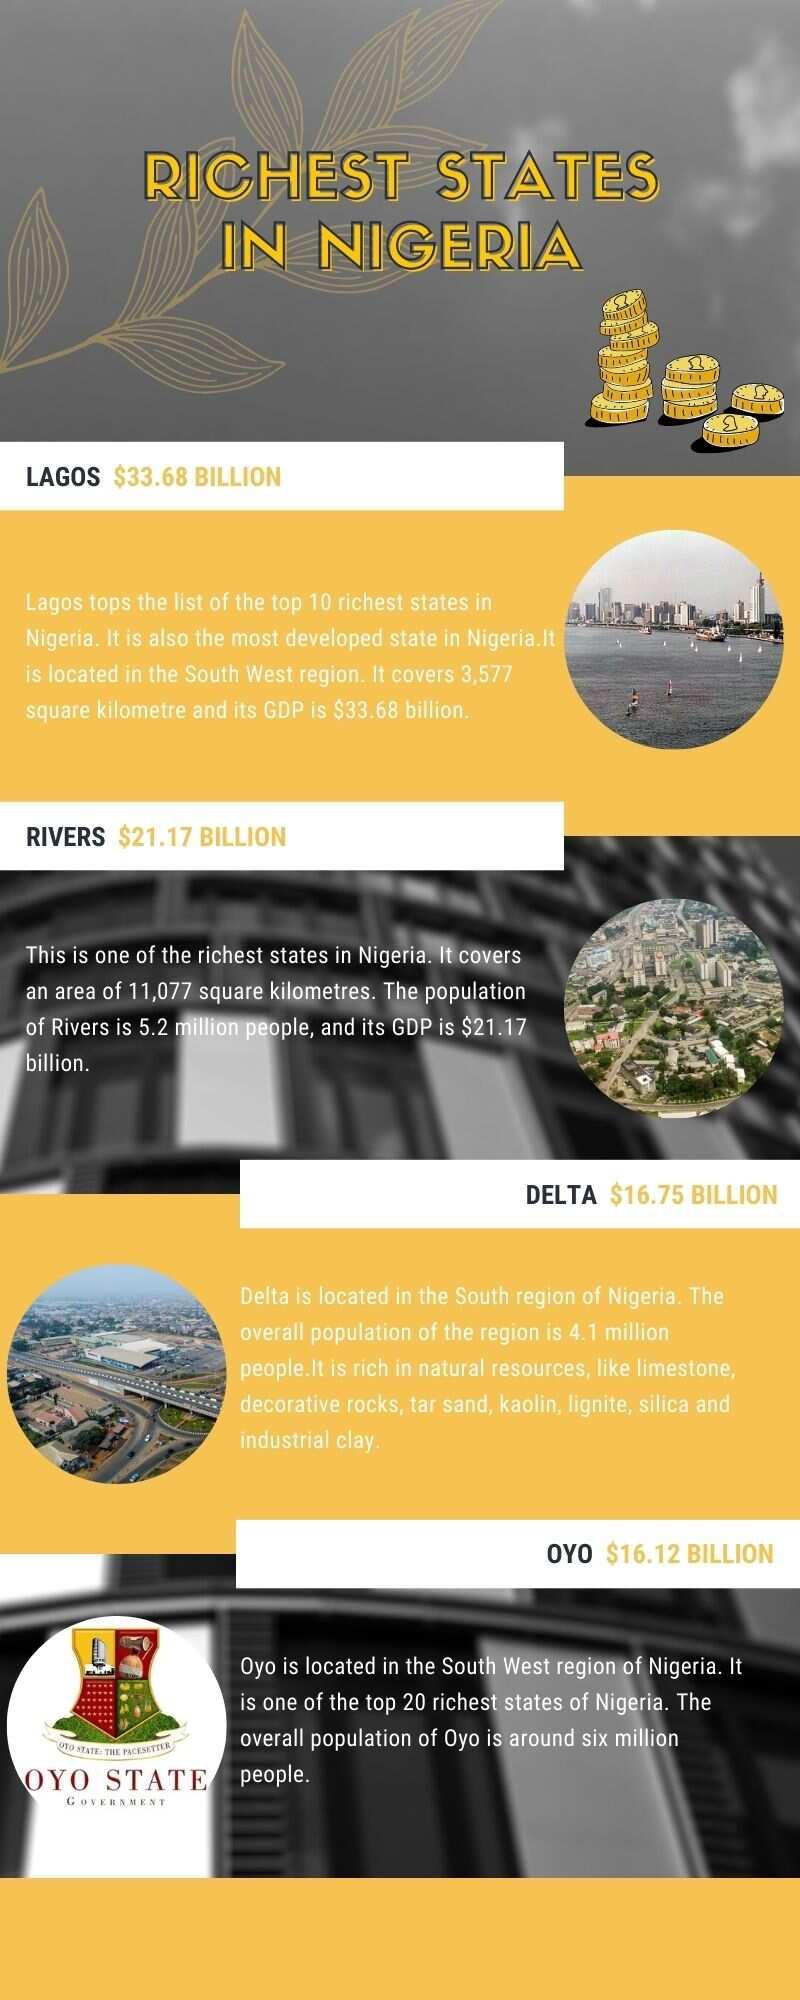 Richest states in Nigeria